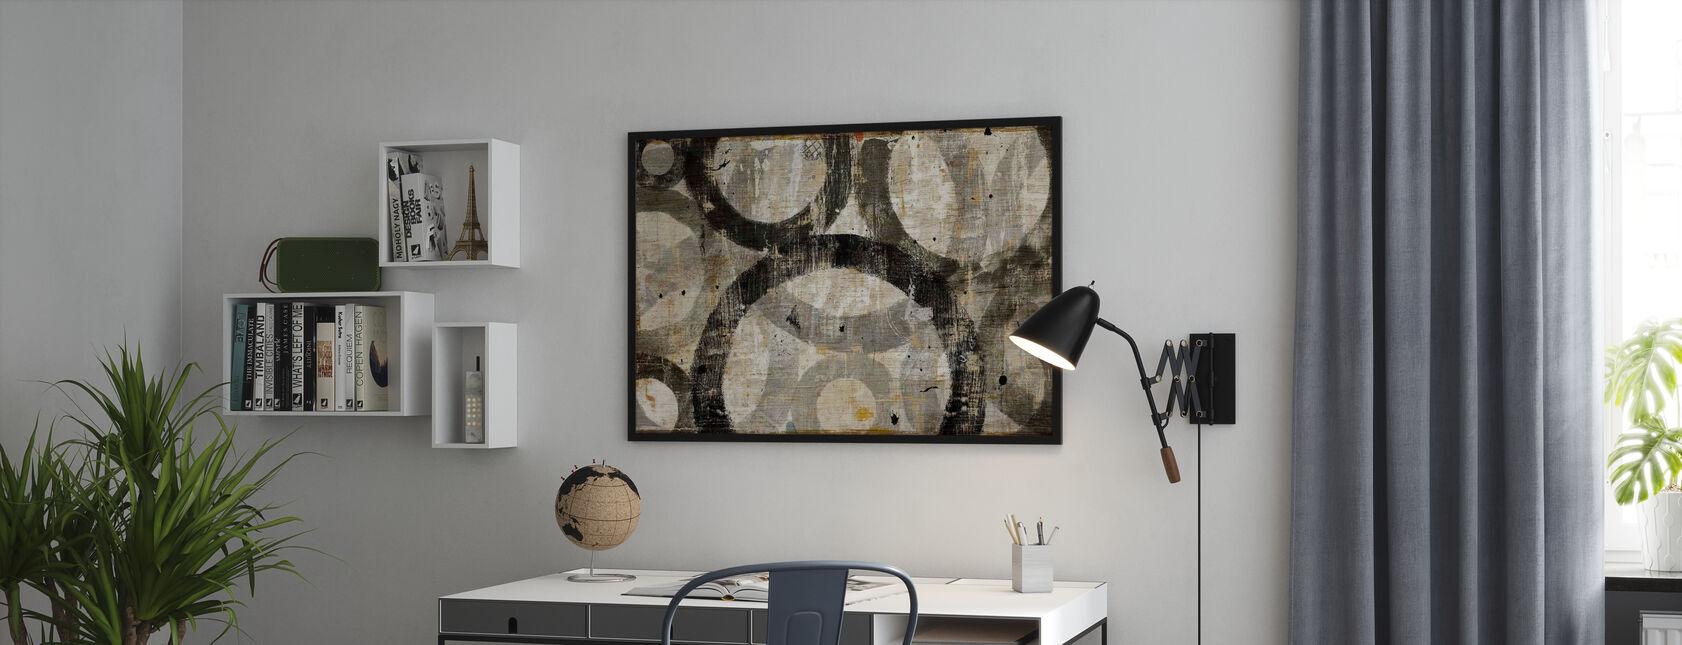 Industriella cirklar - Inramad tavla - Kontor